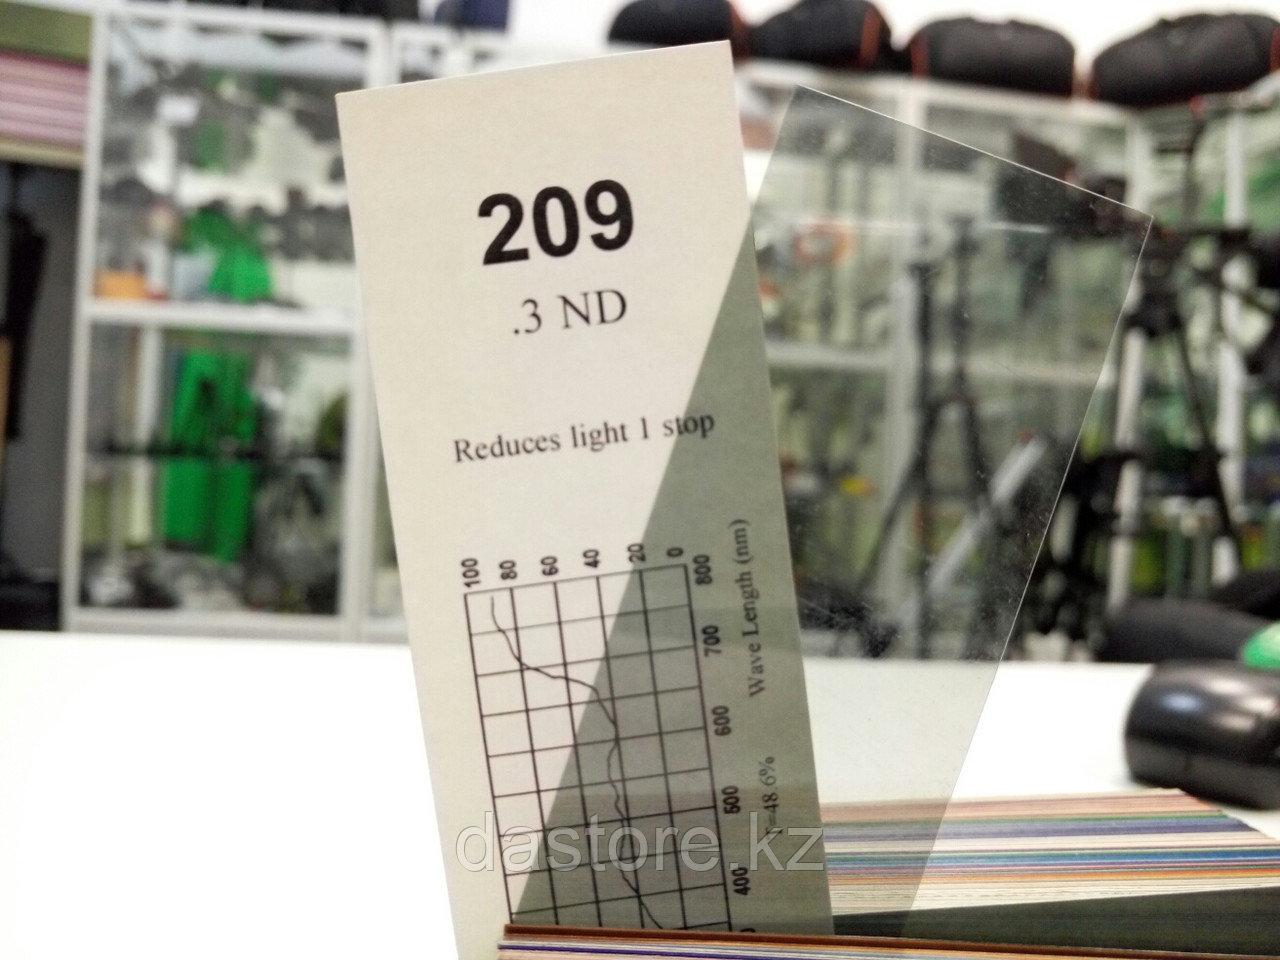 Cotech 209 .3ND светофильтр для осветительных приборов